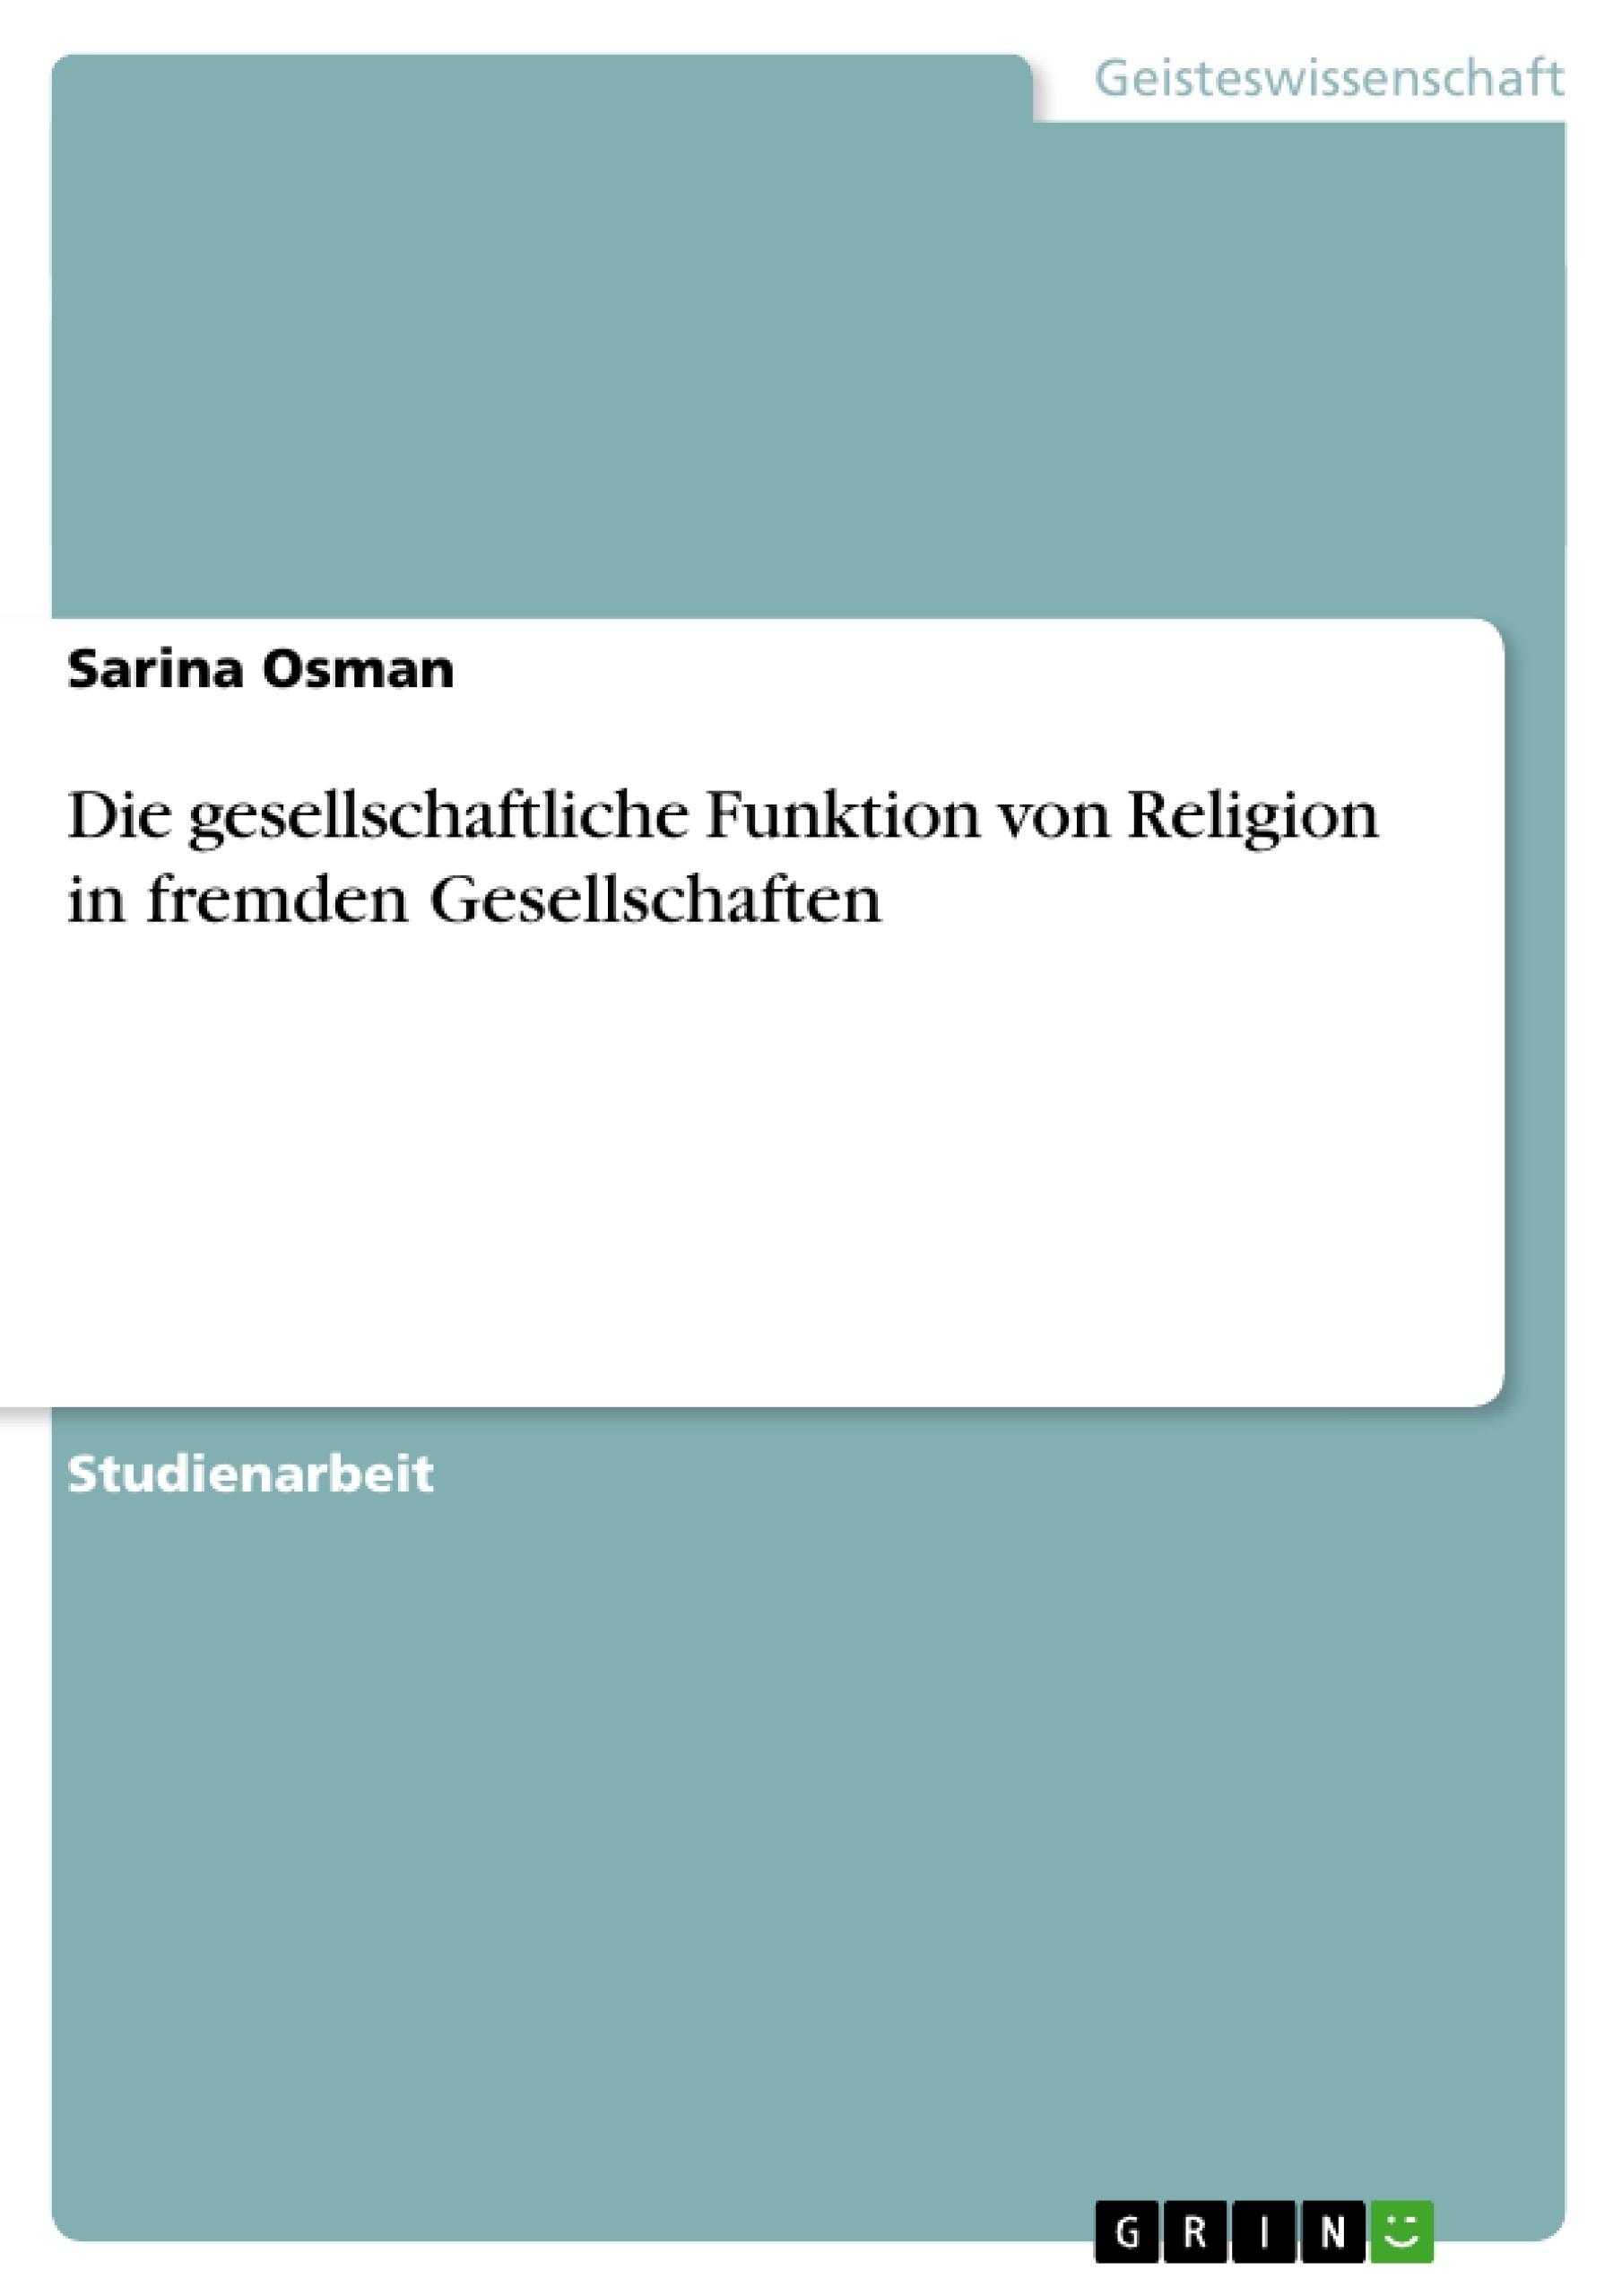 Titel: Die gesellschaftliche Funktion von Religion in fremden Gesellschaften